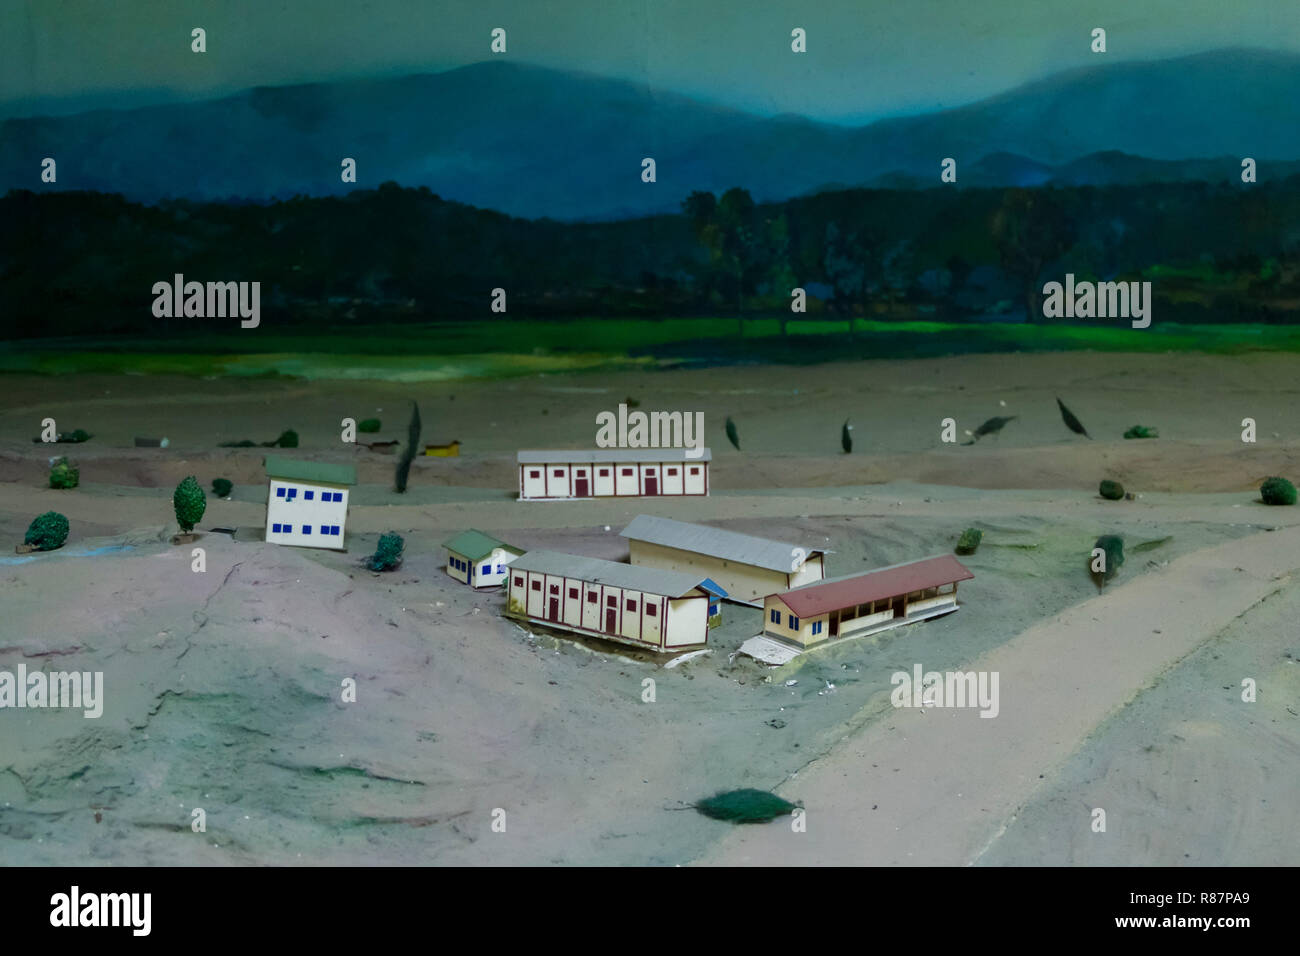 Camp militaire diorama au Musée d'élimination des drogues dans la région de Yangon, Myanmar. Banque D'Images